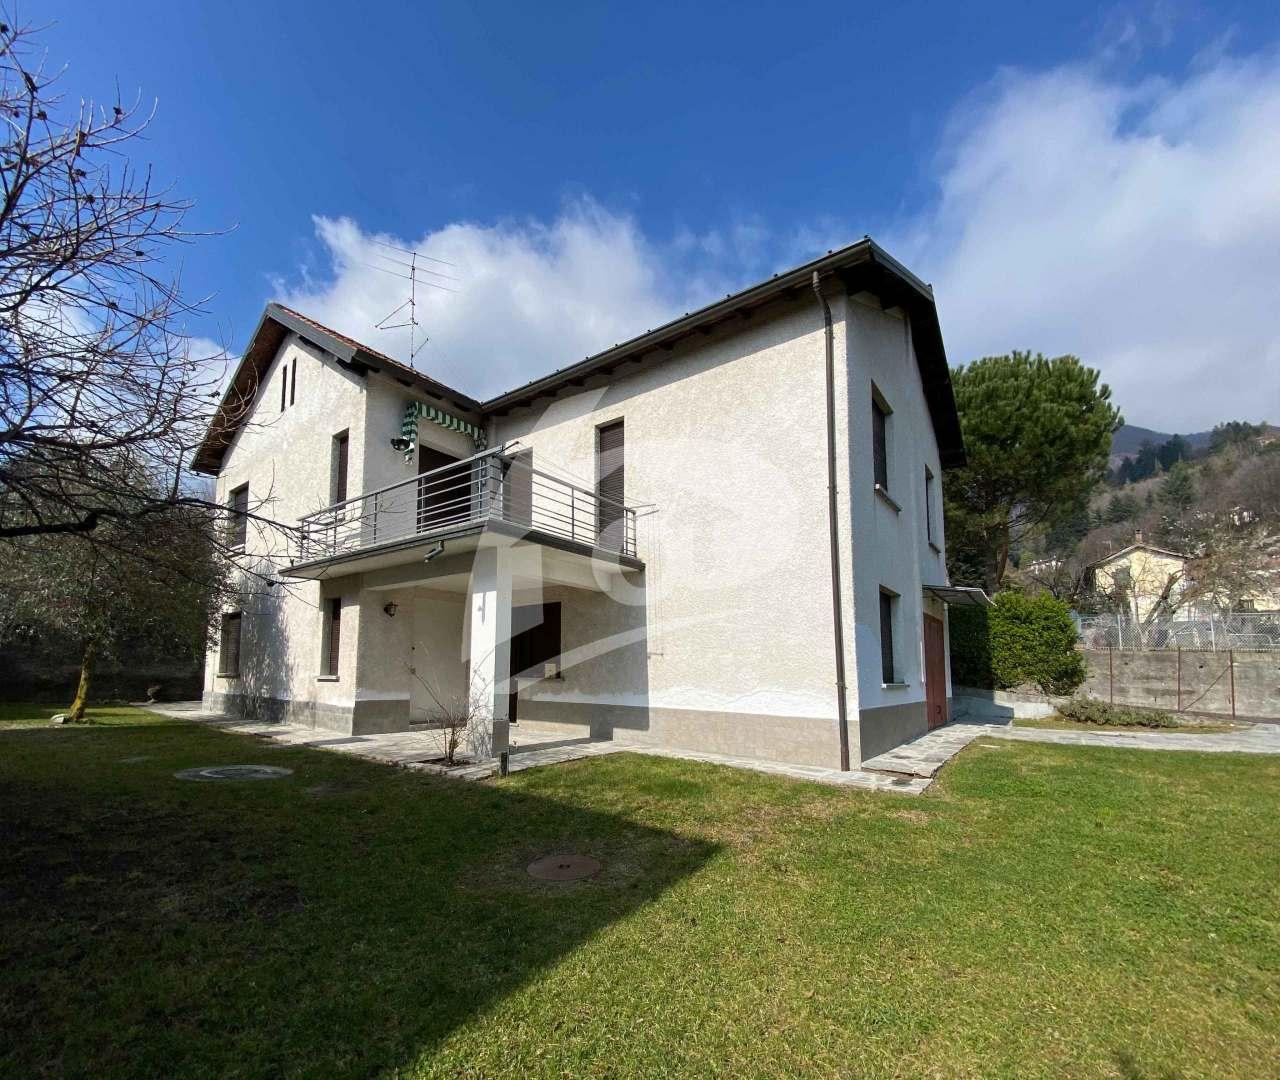 Villa in vendita a Cittiglio, 12 locali, prezzo € 275.000 | PortaleAgenzieImmobiliari.it